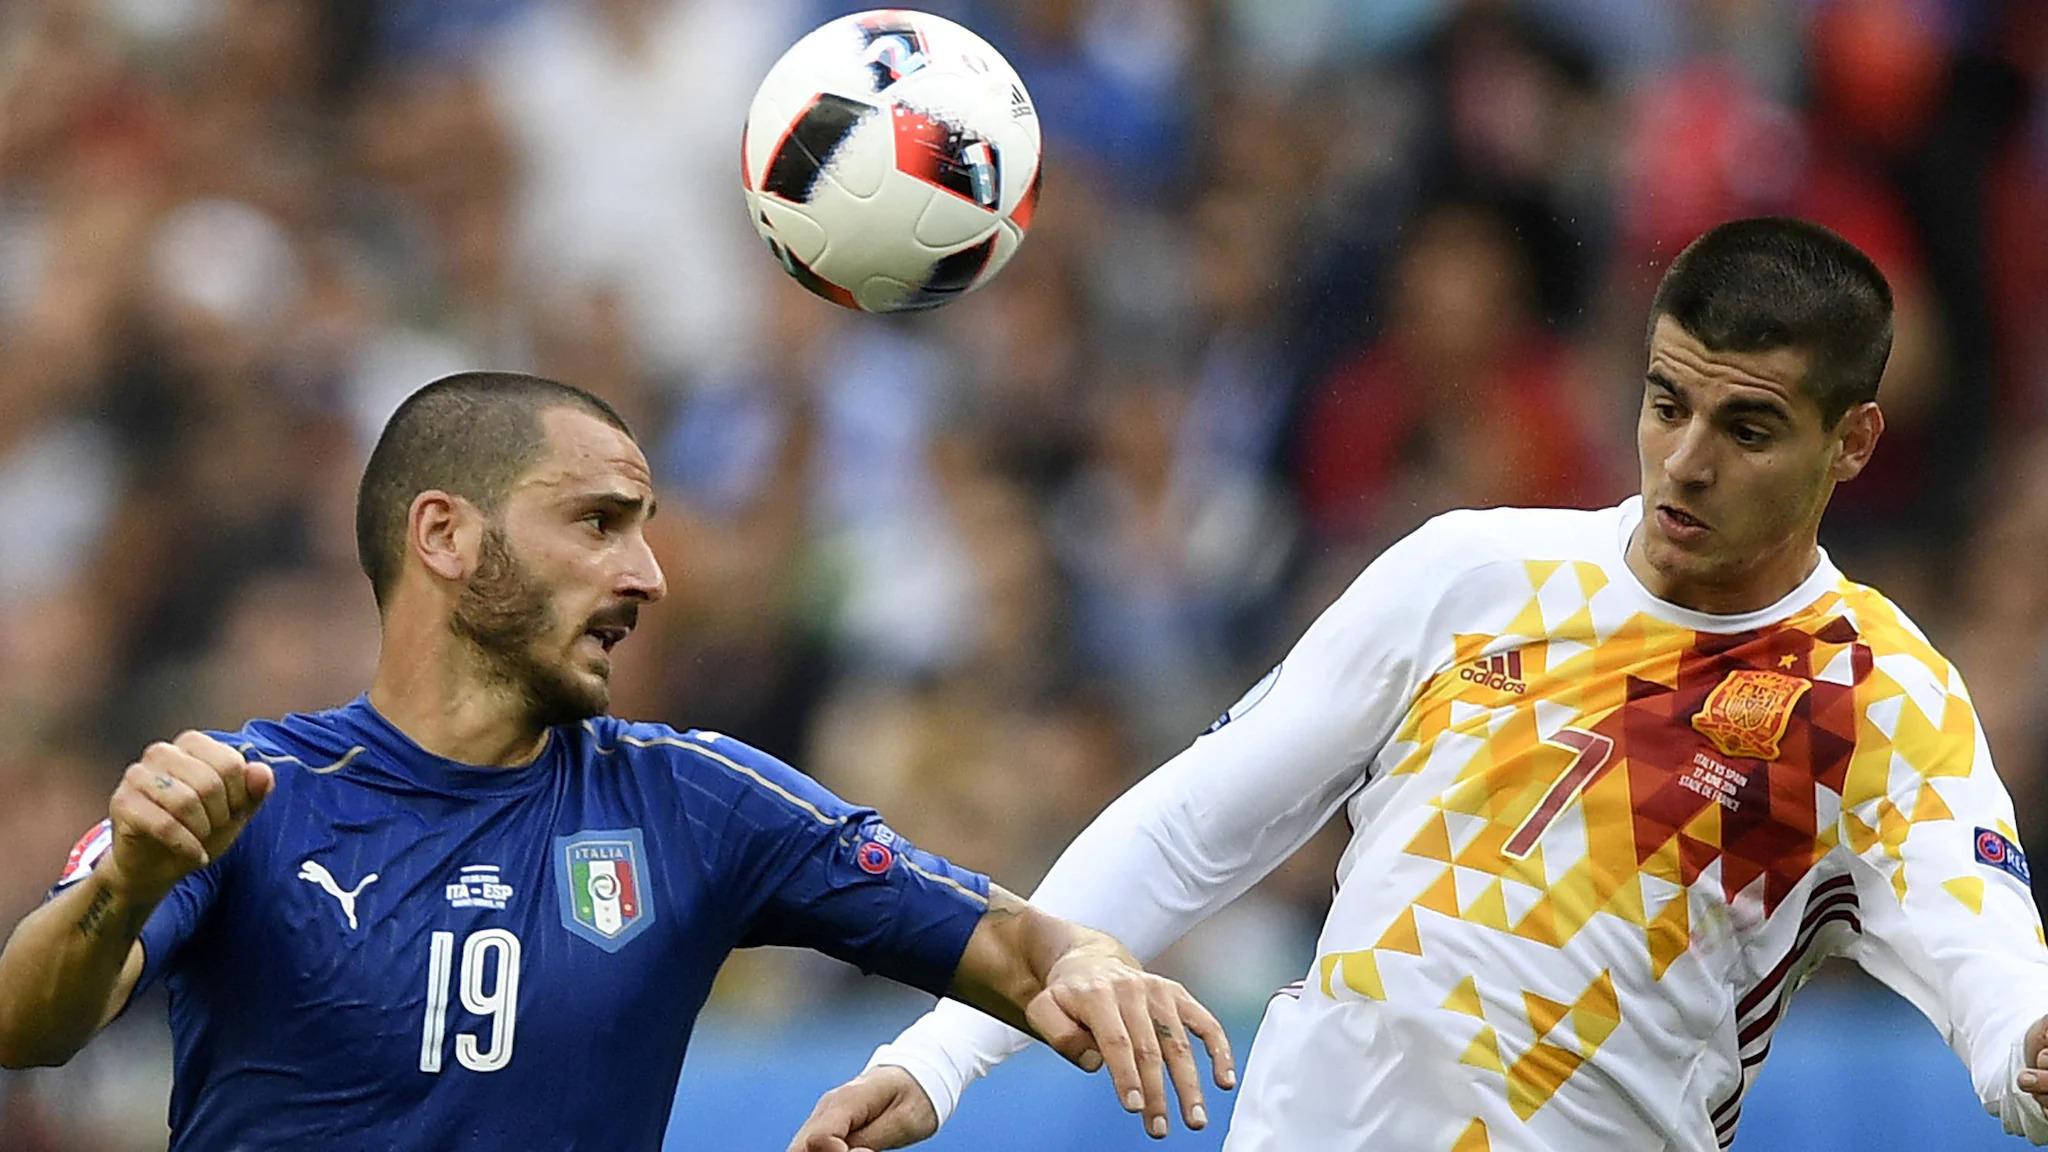 Bonucci và Morata tranh chấp trong trận Italy - Tây Ban Nha ở vòng 1/8 Euro 2016. Ảnh: UEFA